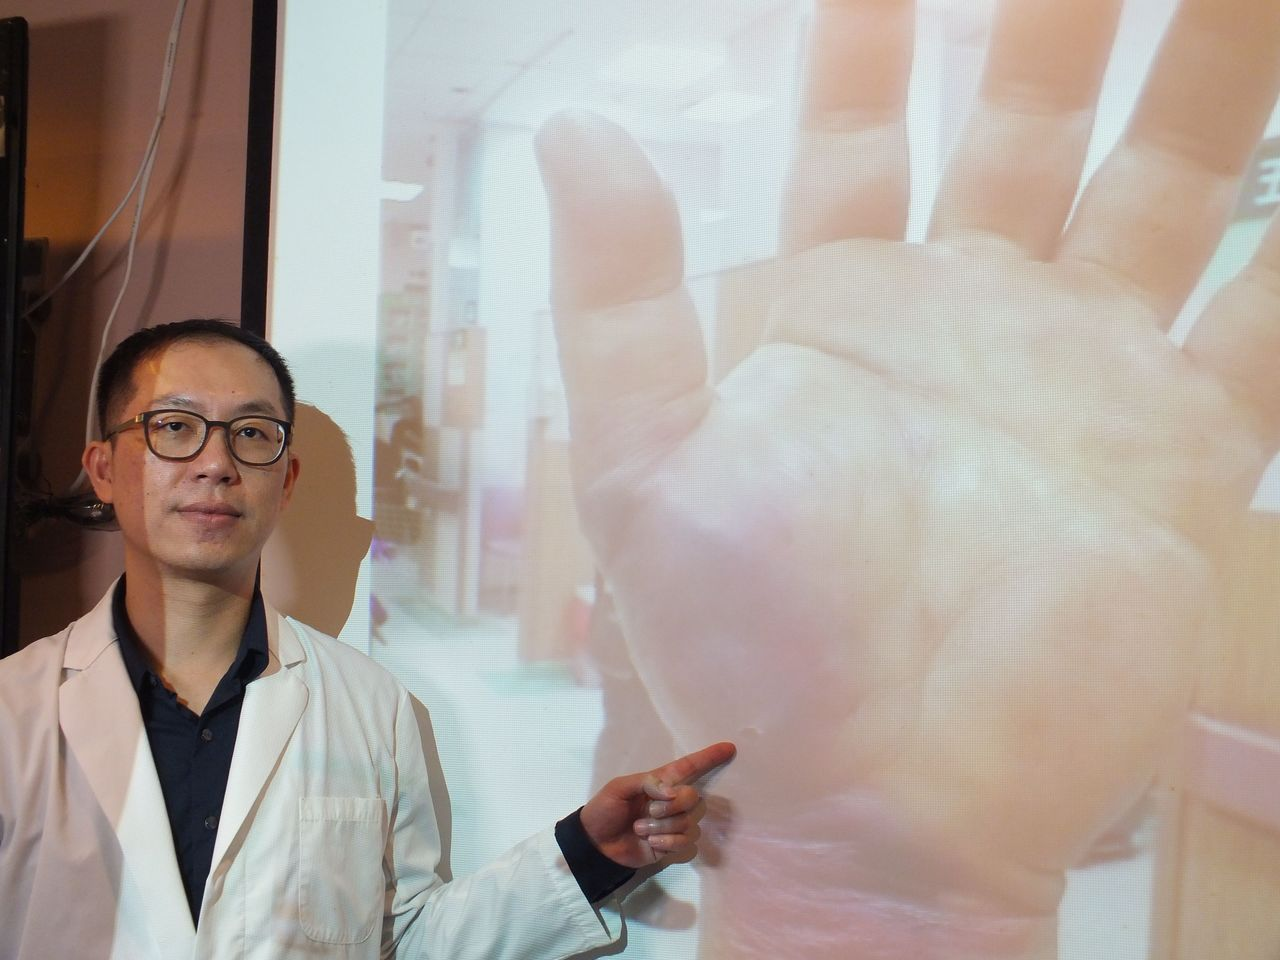 醫師陳彥瑋說明,48歲餐廳老闆左手魚際肌不慎被魚鉤刺到,確診為壞死性筋膜炎,經歷...